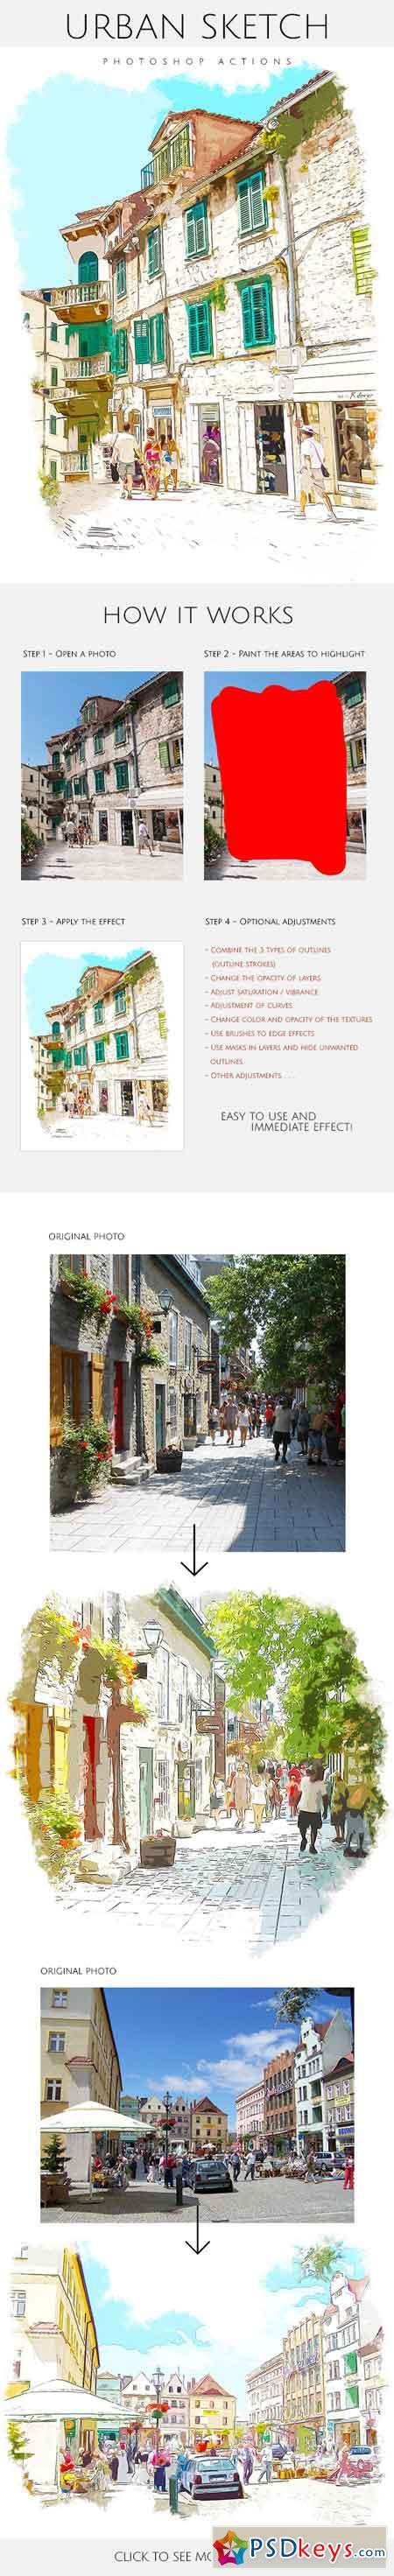 Urban Sketch - Photoshop Actions 17968440   PSDkeys   Sketch